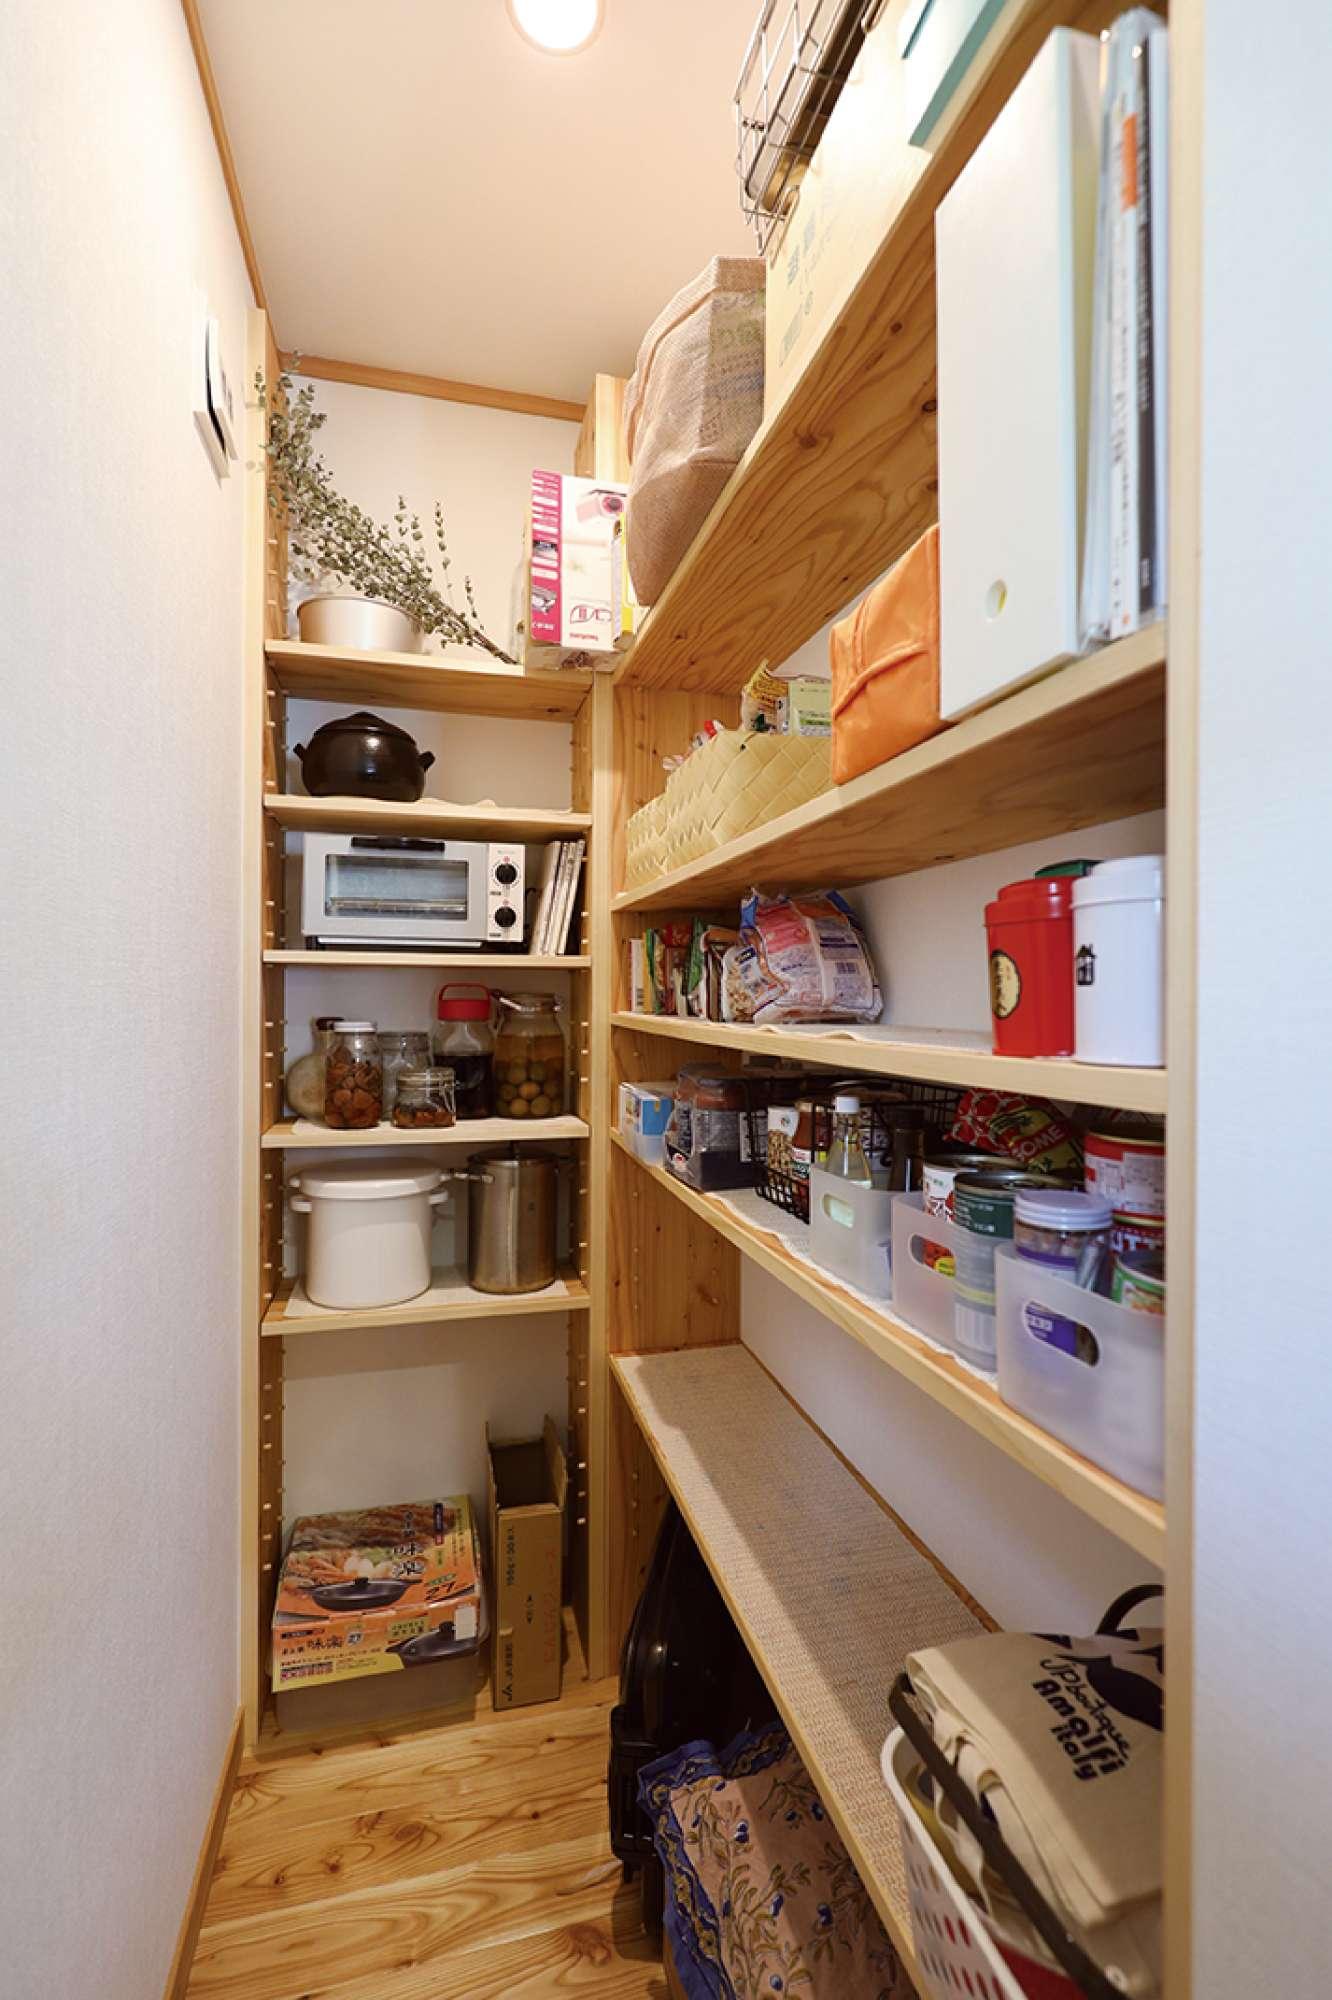 パントリー内部。空間を無駄な鵜使えるように棚を造作 -  -  -